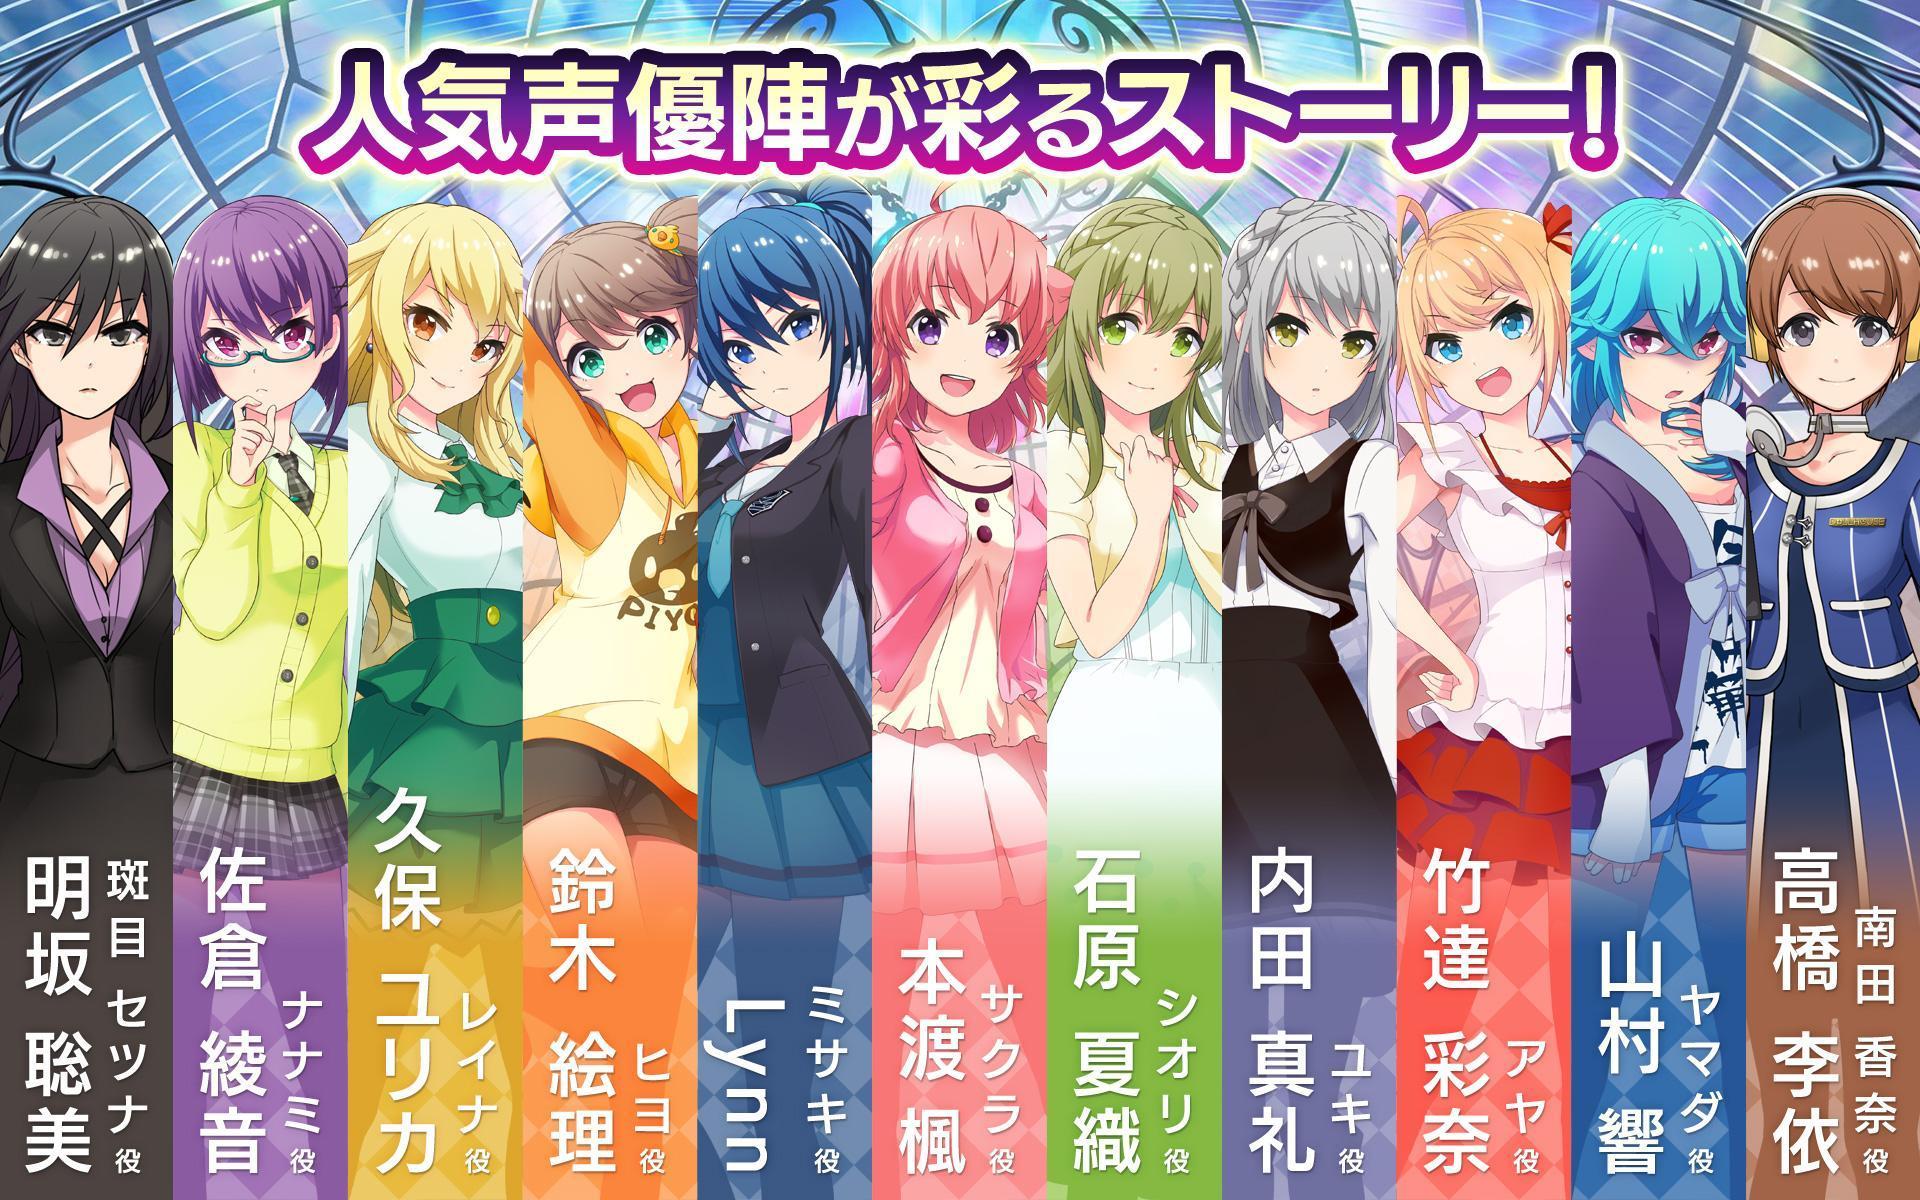 プロジェクト東京ドールズ :美少女タップアクションRPG 4.1.0 Screenshot 15